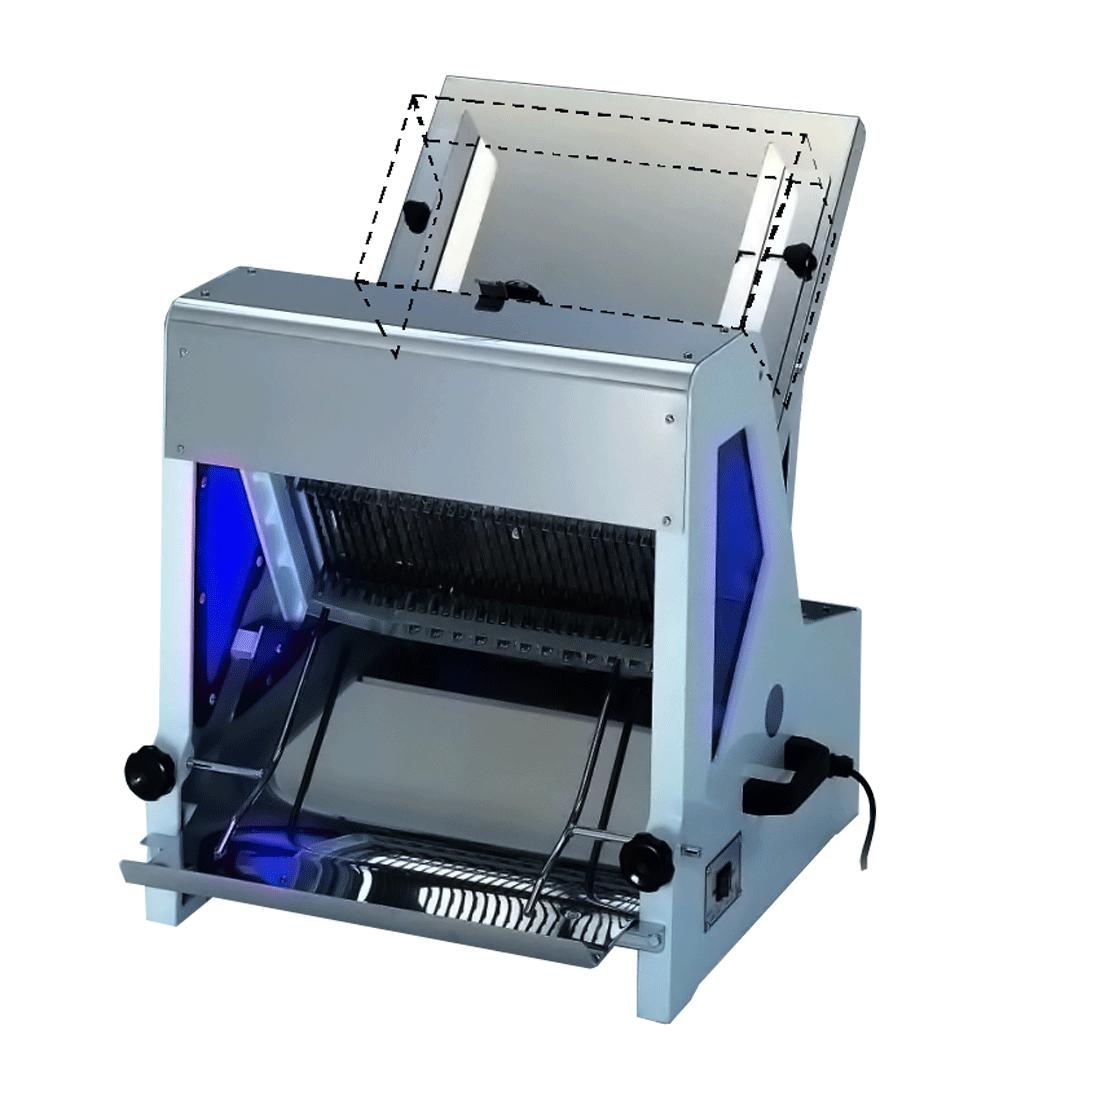 Bread slicer without blade - JSL-31M